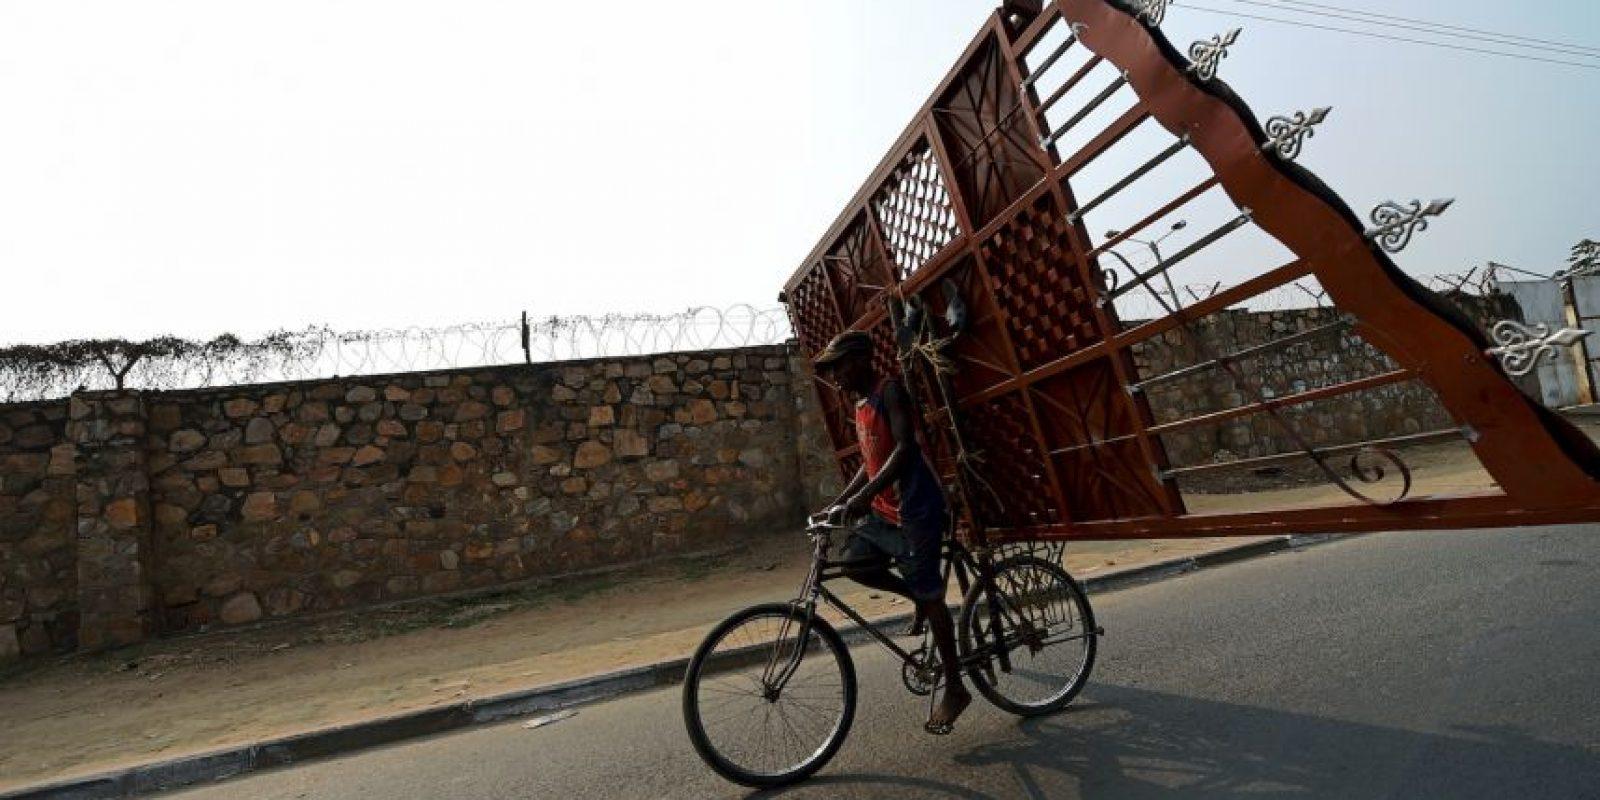 Hombre carga una puerta de metal en su bicicleta en Burundi. Foto:AFP